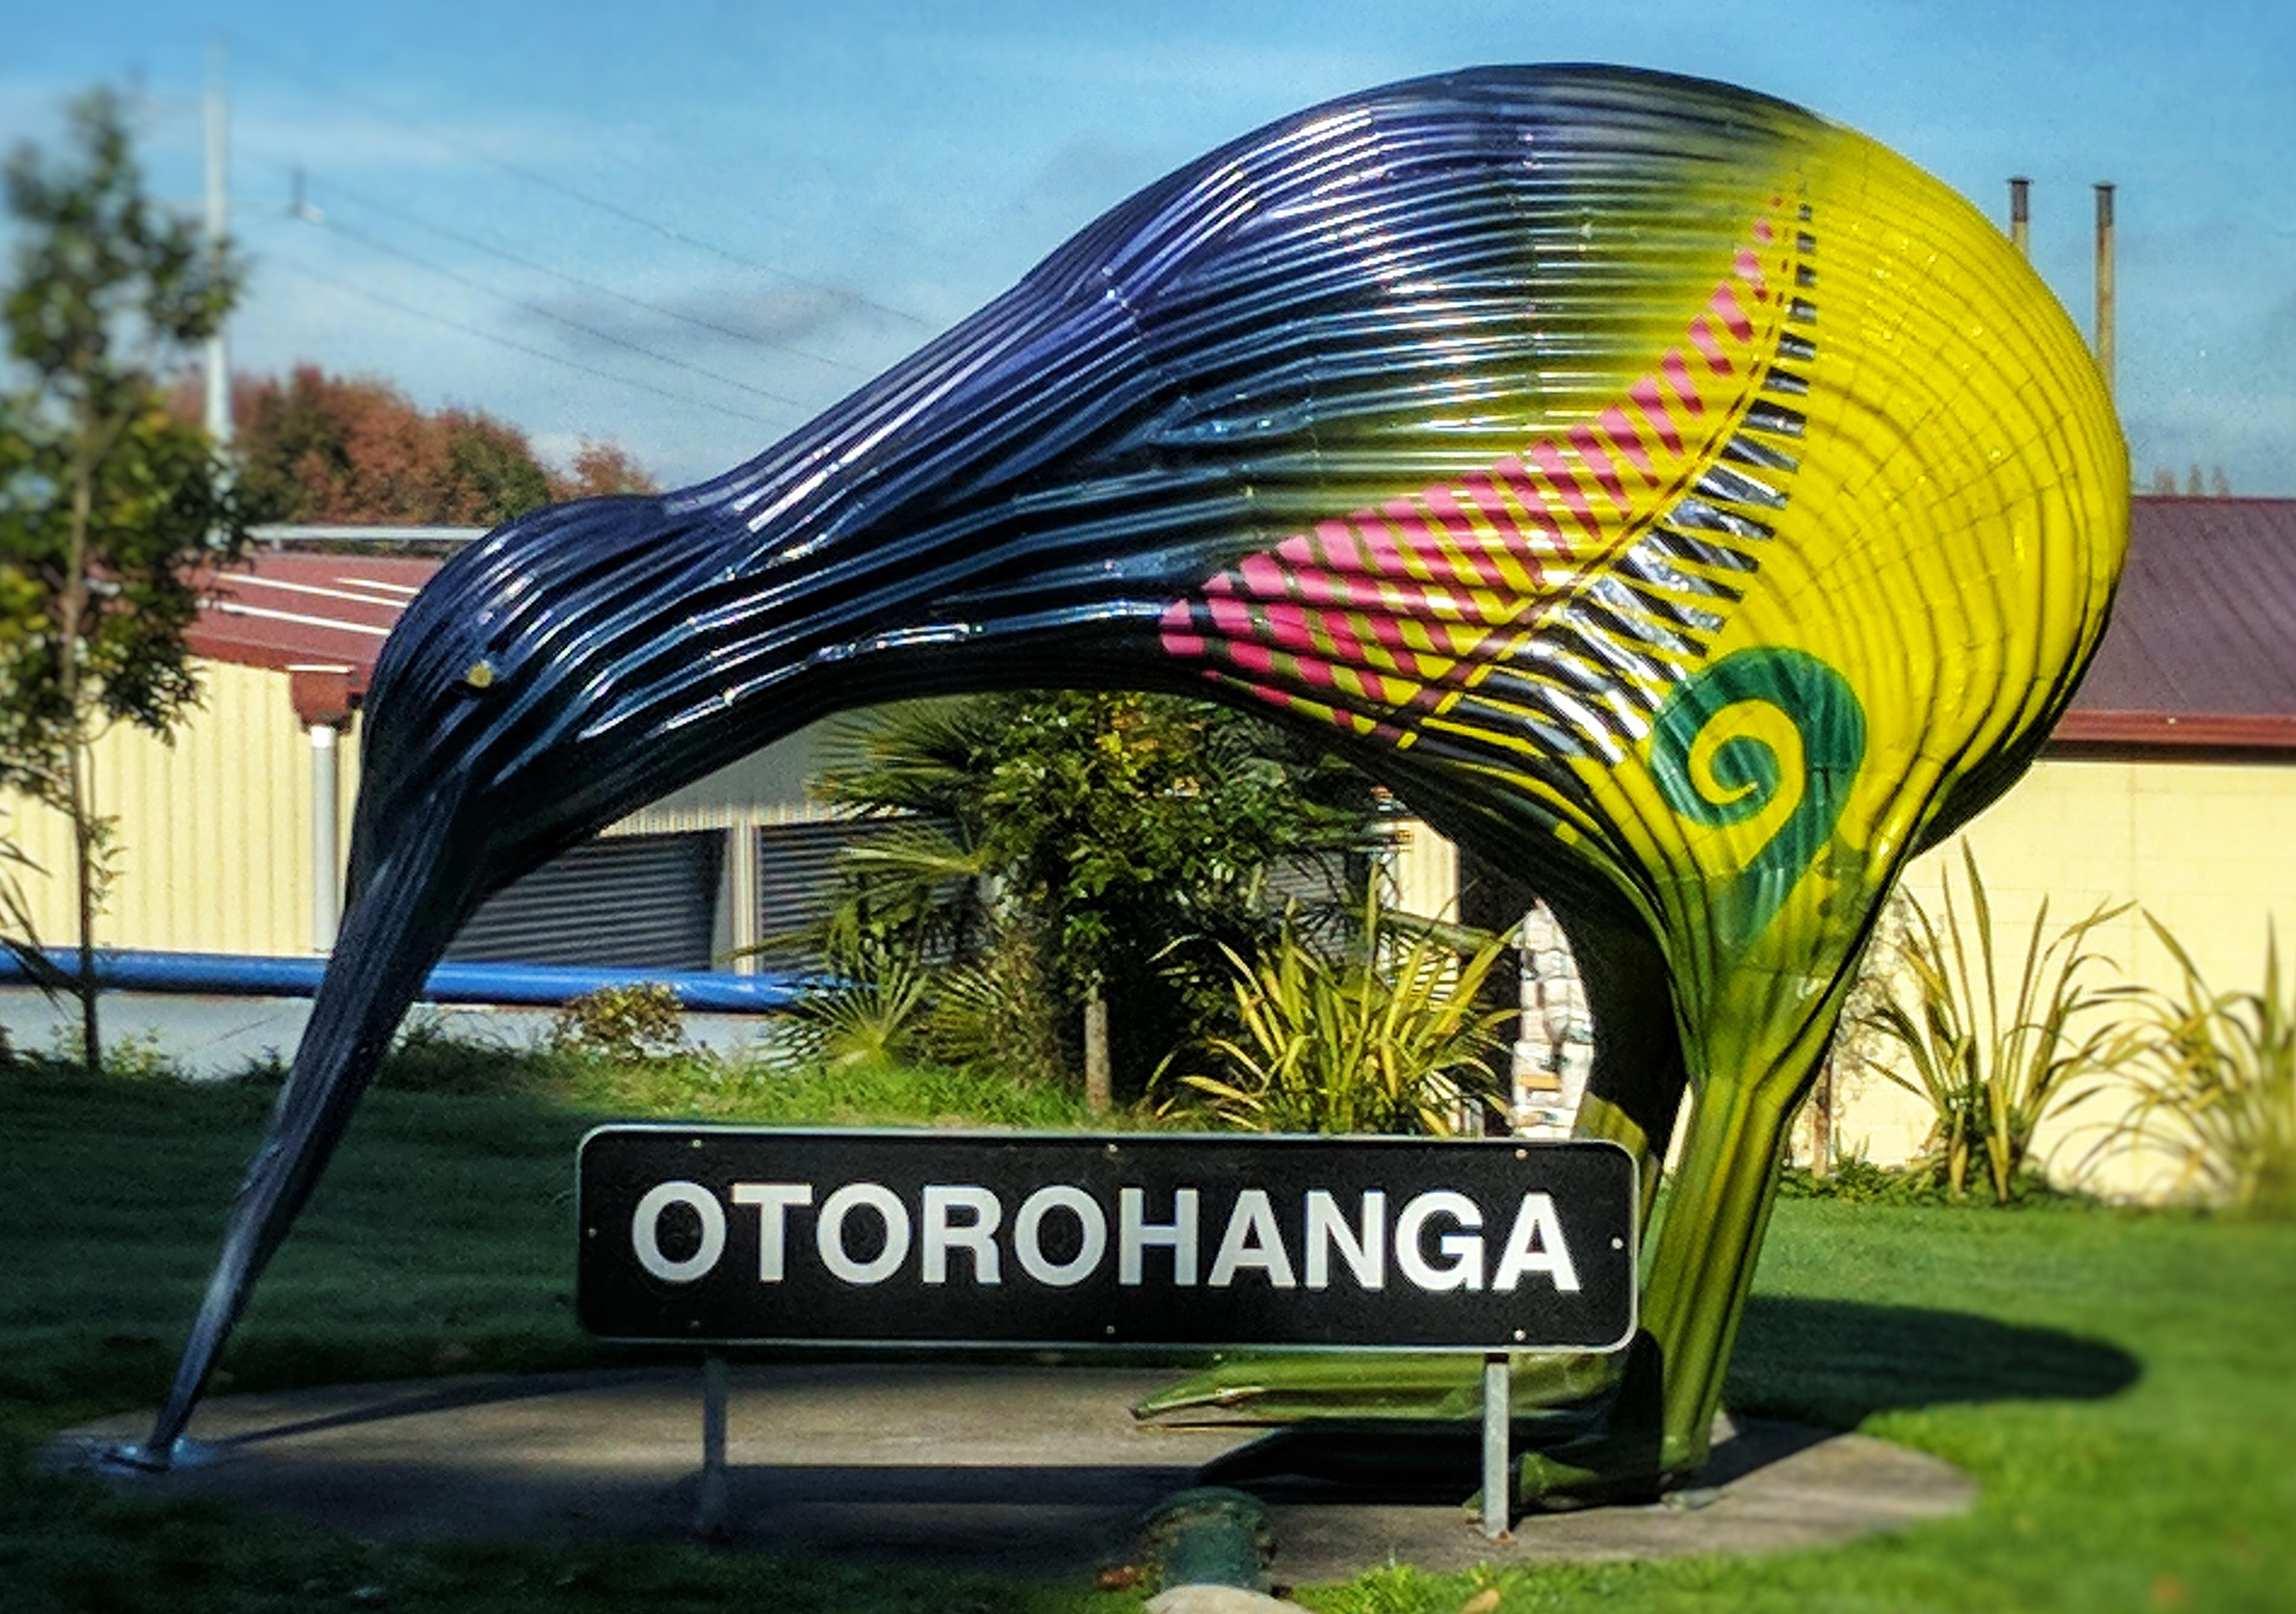 Corrugated Iron Kiwi in Otorohanga